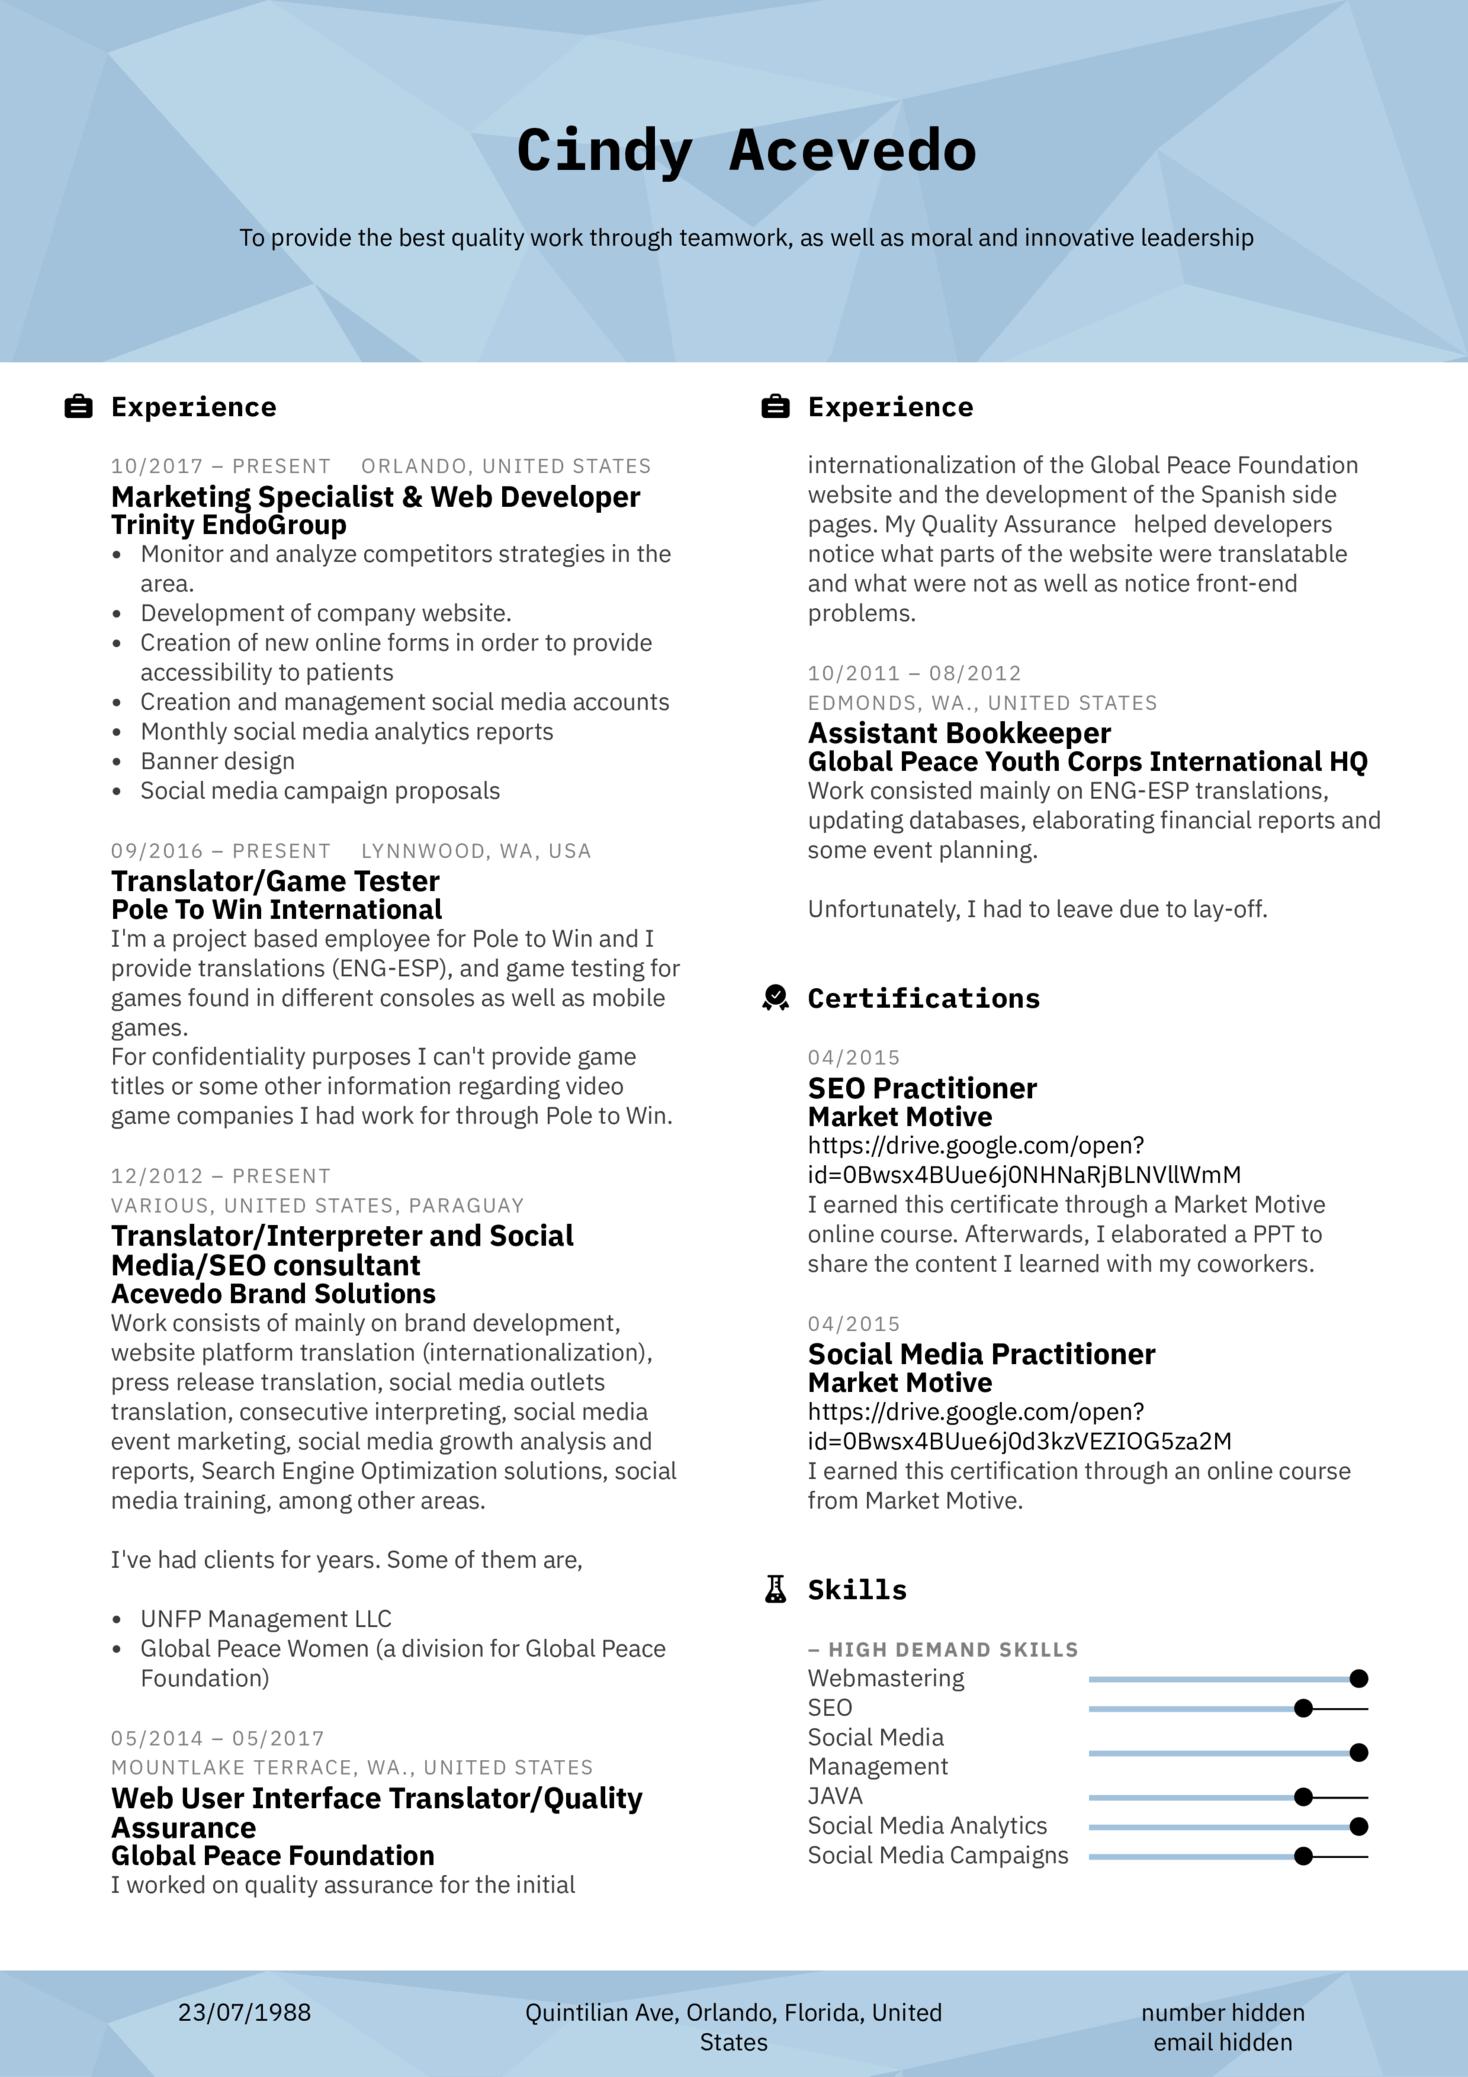 Marketing Coordinator Resume Template (parte 1)